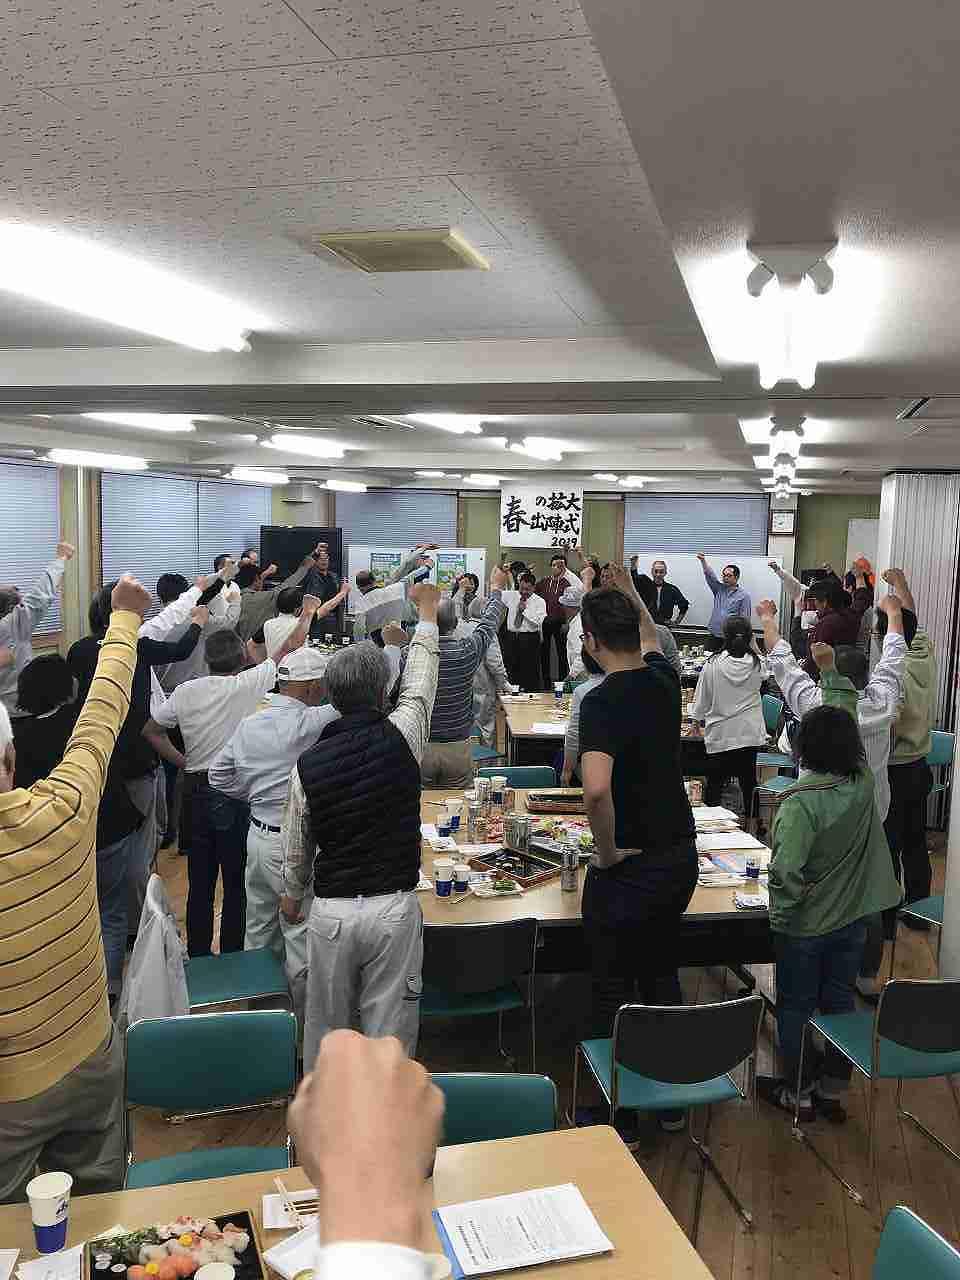 4月21日(日)に支部事務所にて/「春の拡大出陣式」を開催しました!/支部全体で68名が参加し皆で一致団結し、拡大に向けて/頑張る意思を共有しました。//←参加者全員で団結ガンバロー!